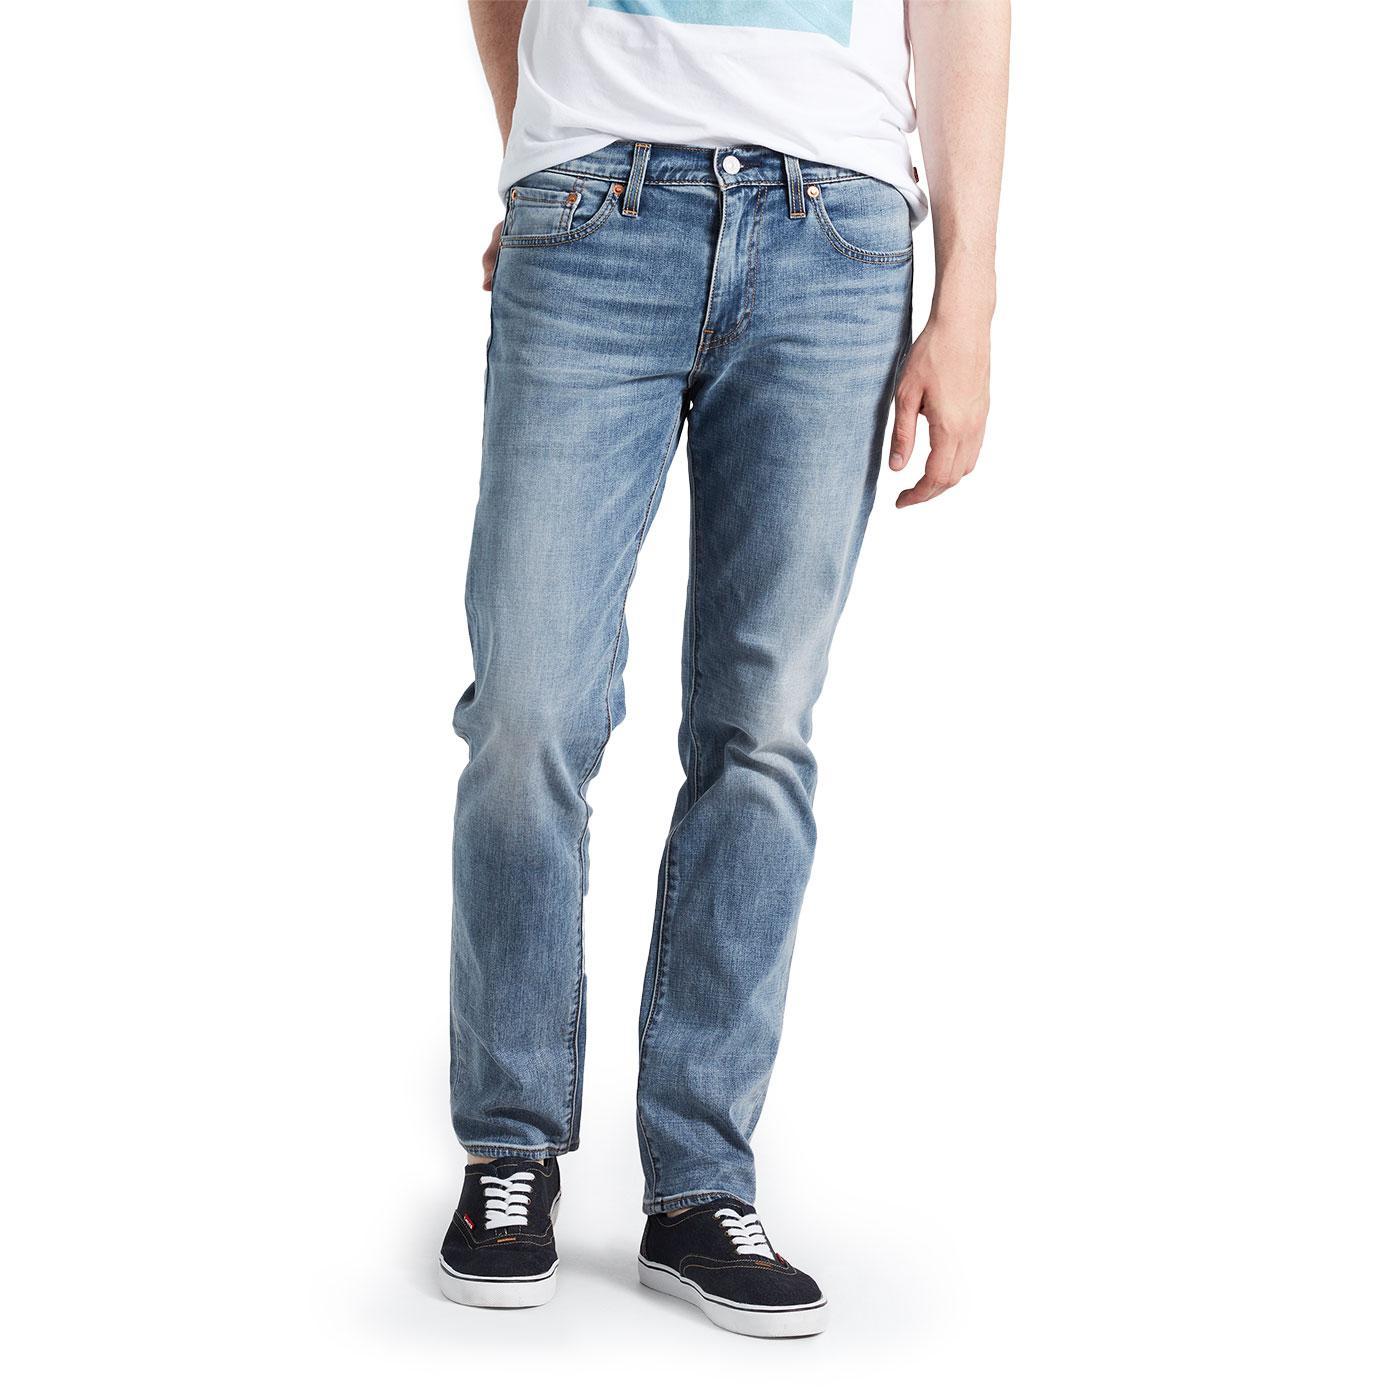 LEVI'S 511 Retro Slim Denim Jeans (Agean Adapt)